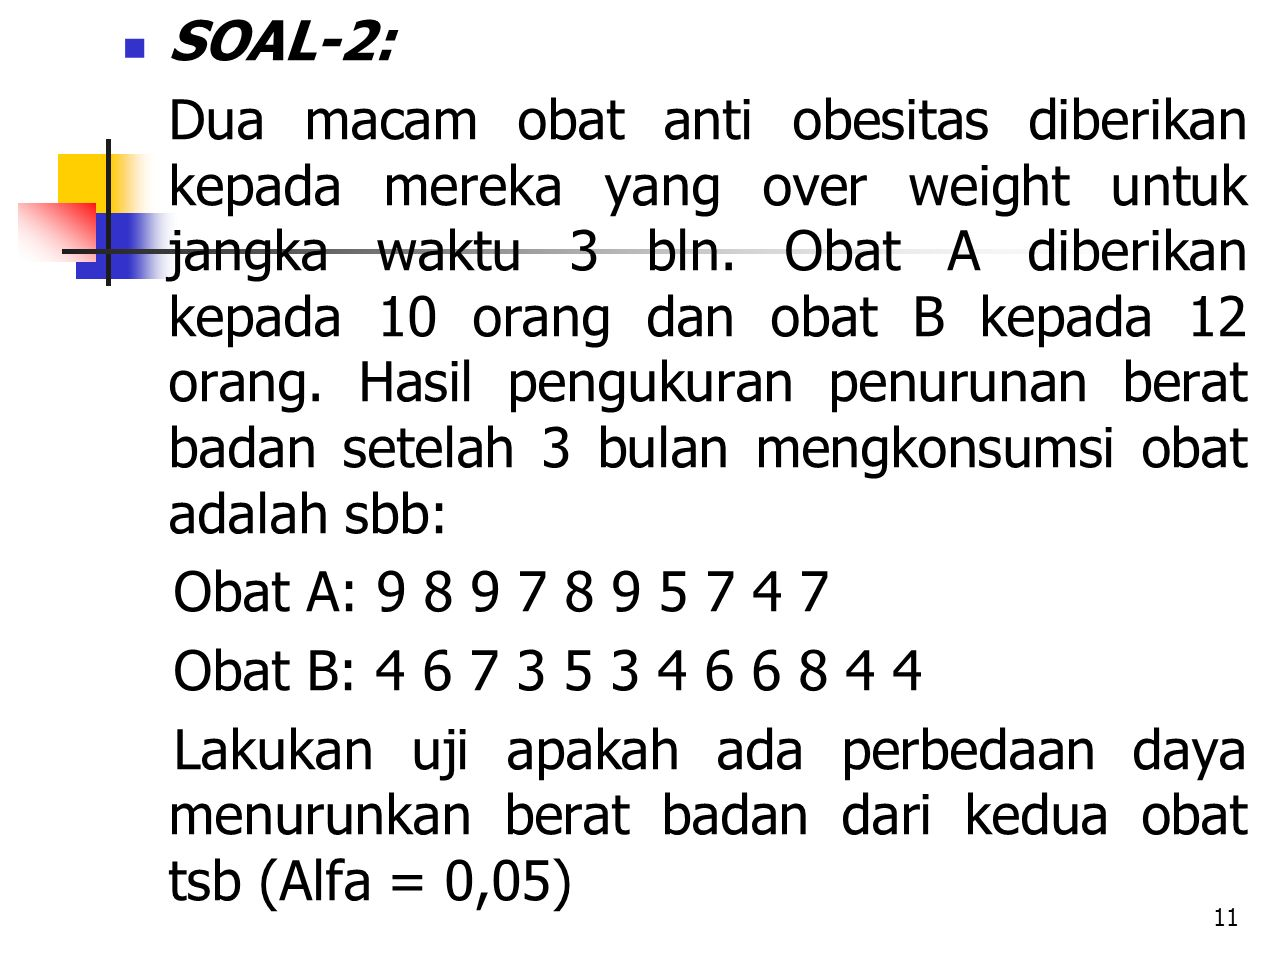 SOAL-2: Dua macam obat anti obesitas diberikan kepada mereka yang over weight untuk jangka waktu 3 bln. Obat A diberikan kepada 10 orang dan obat B ke